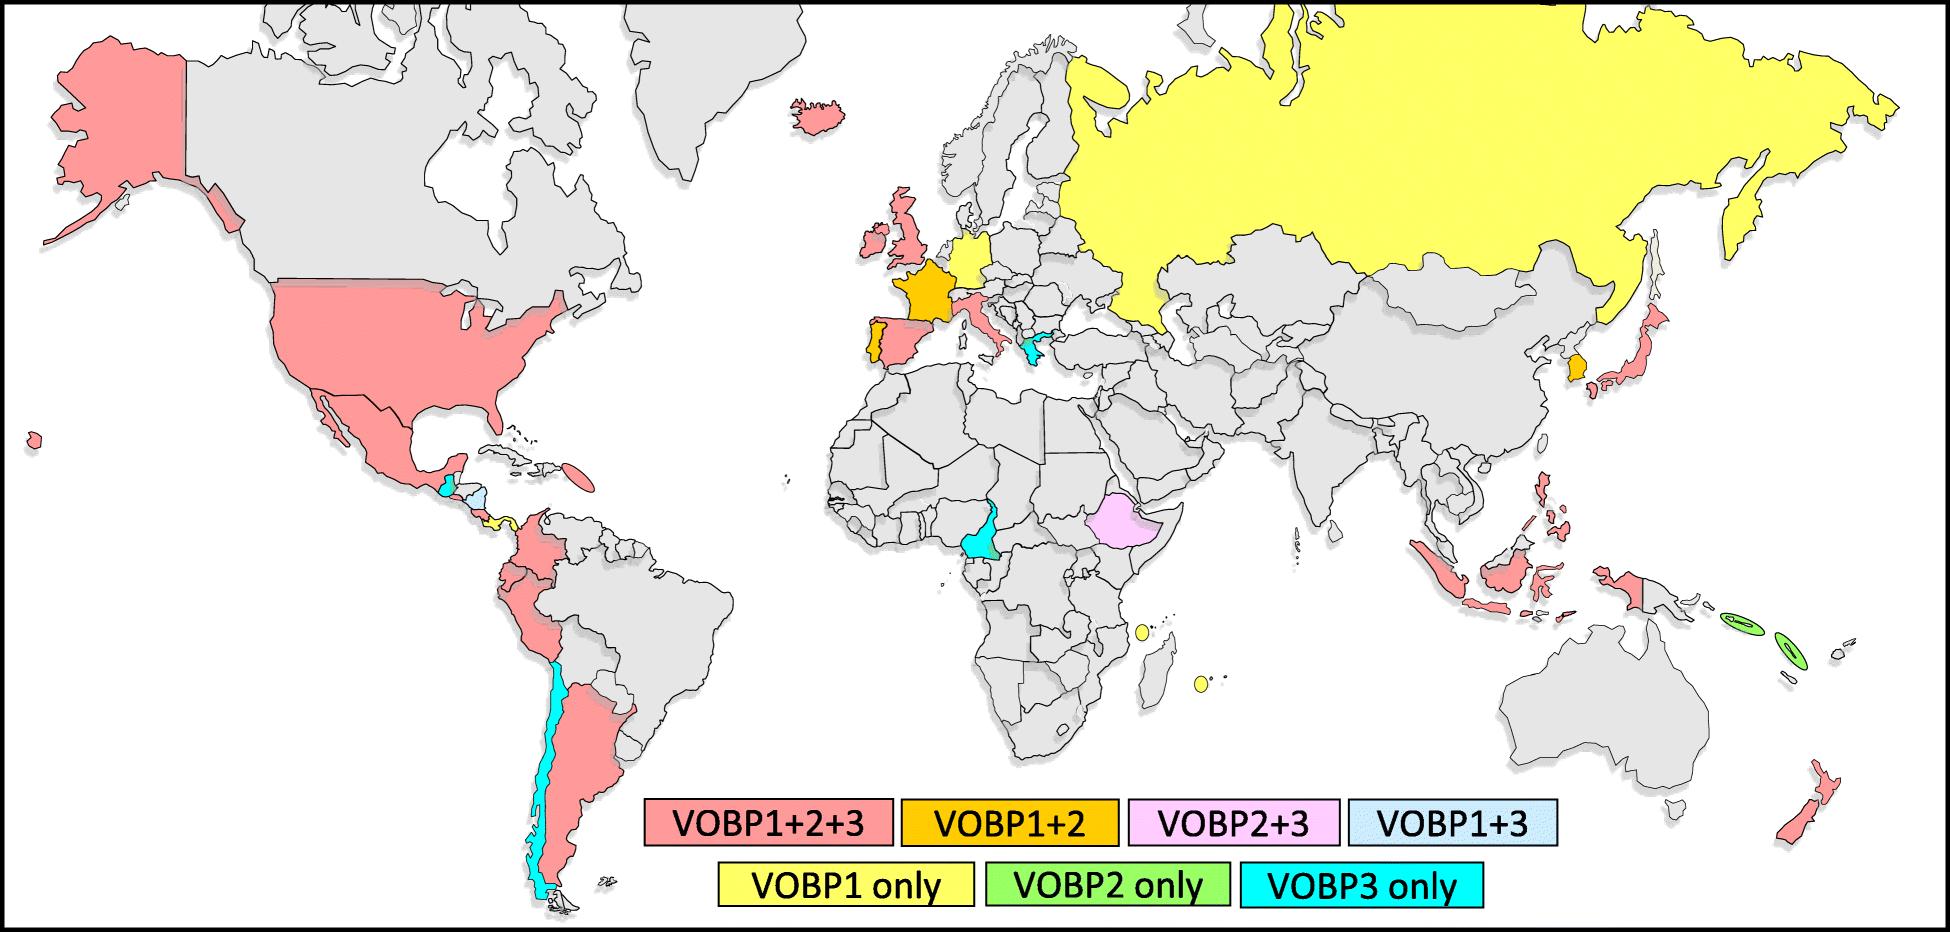 Volcano observatory best practices (VOBP) workshops - a